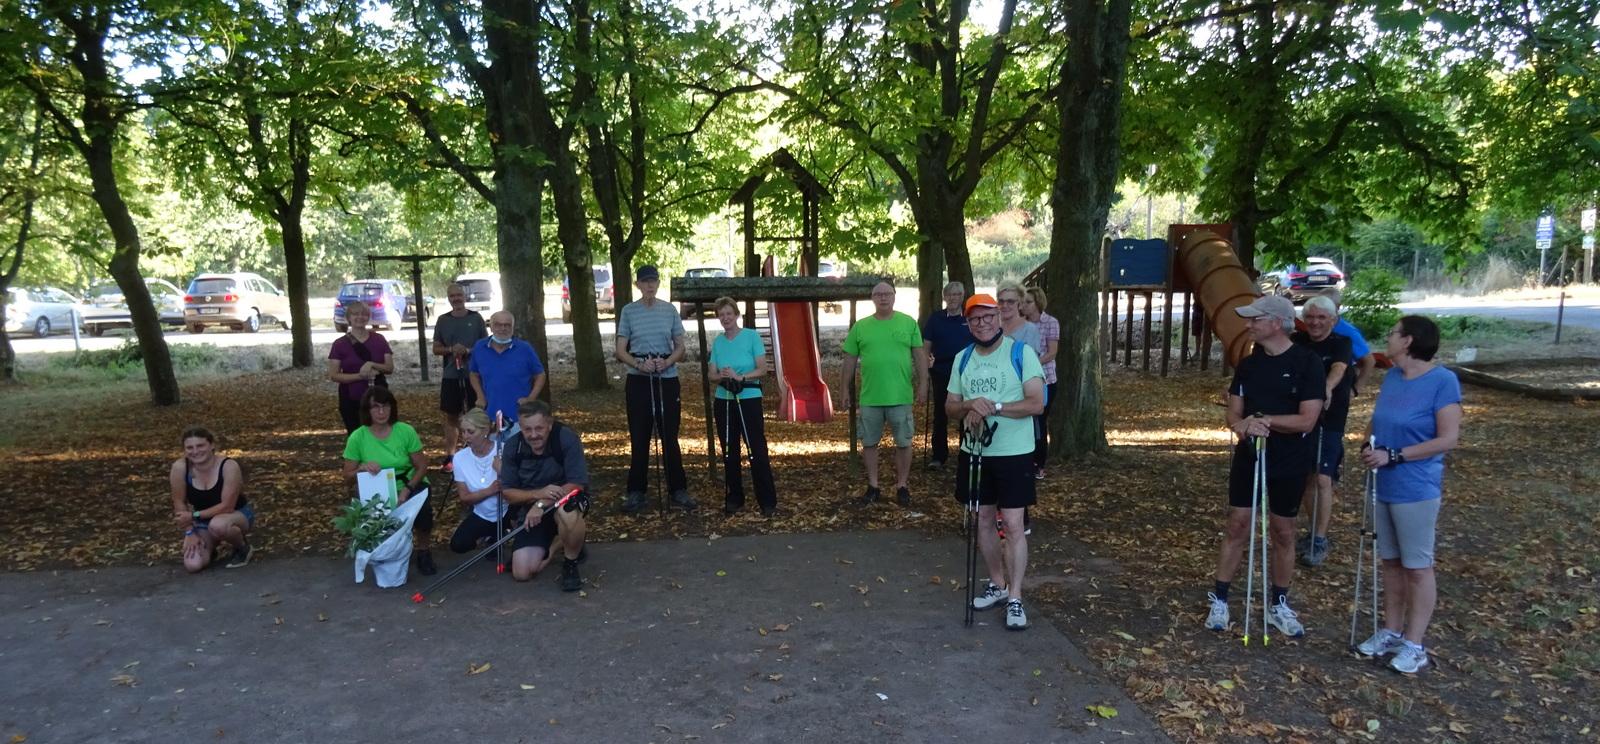 Teilnehmer Nordic Walking Kurs im Langenlonsheimer Wald